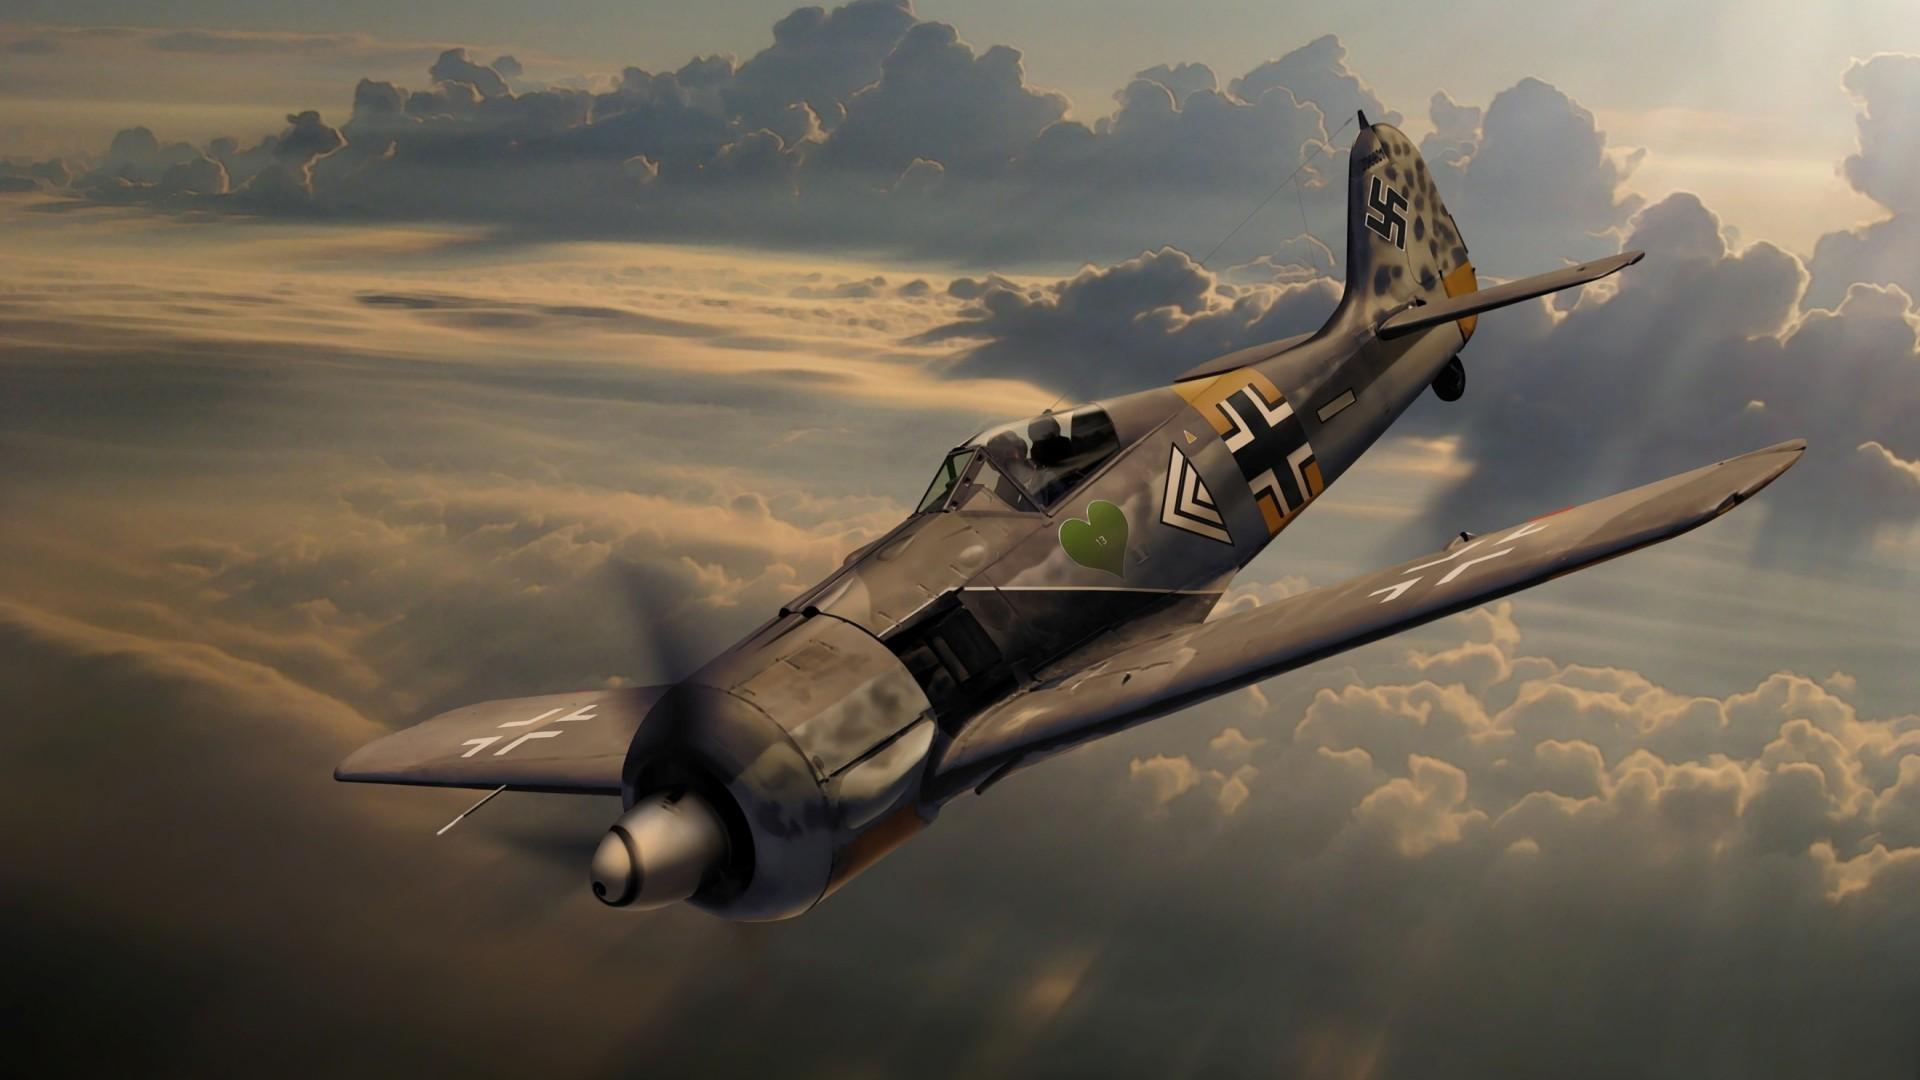 Focke-Wulf German World War 2 Aircraft Wallpaper – https://www.